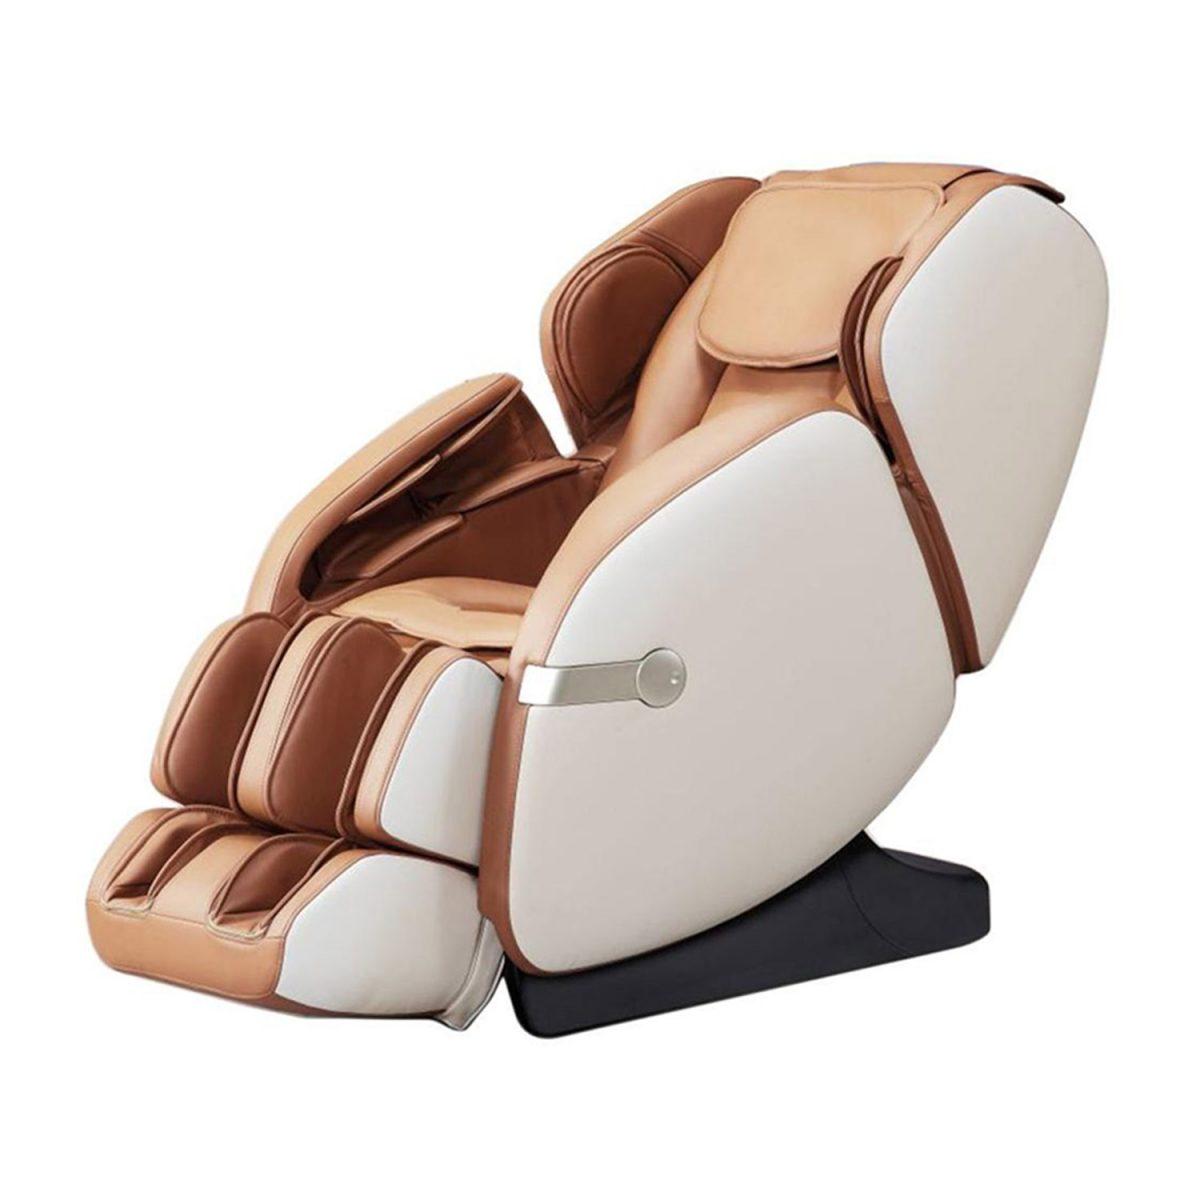 We Haven't Seen a Better Massage Chair